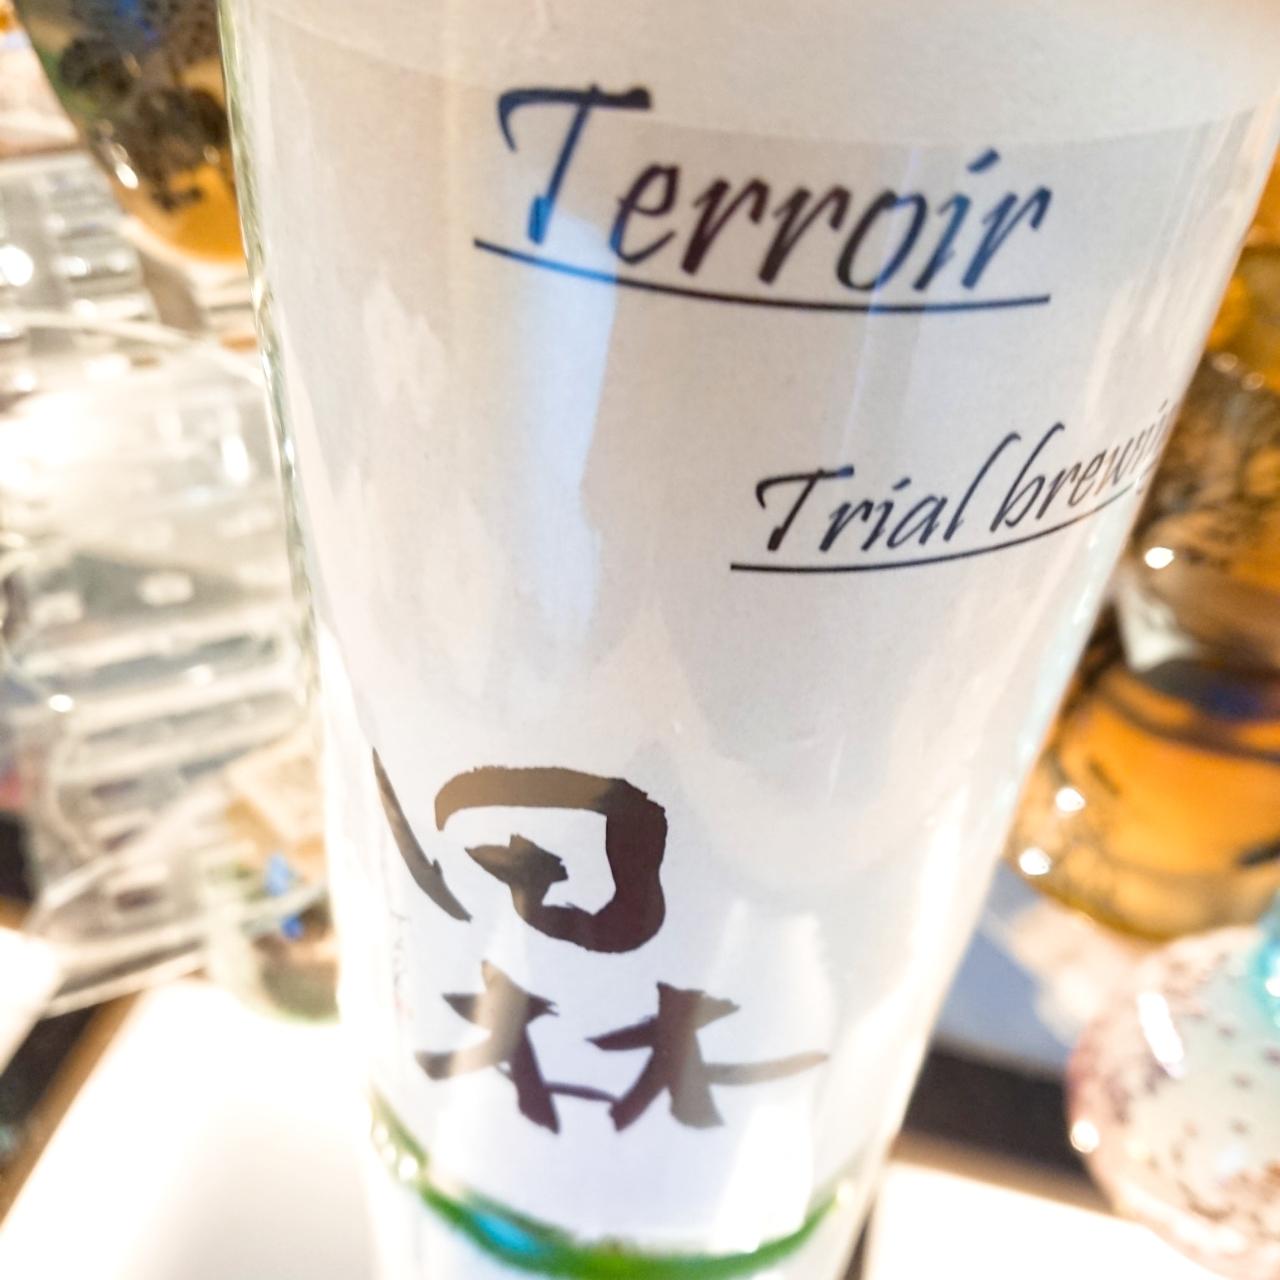 【限定】田林テロワール~ Terroir Trial Brew~キレッキレの爽快な酸味。田林のプロトタイプシリーズ☆限定酒~